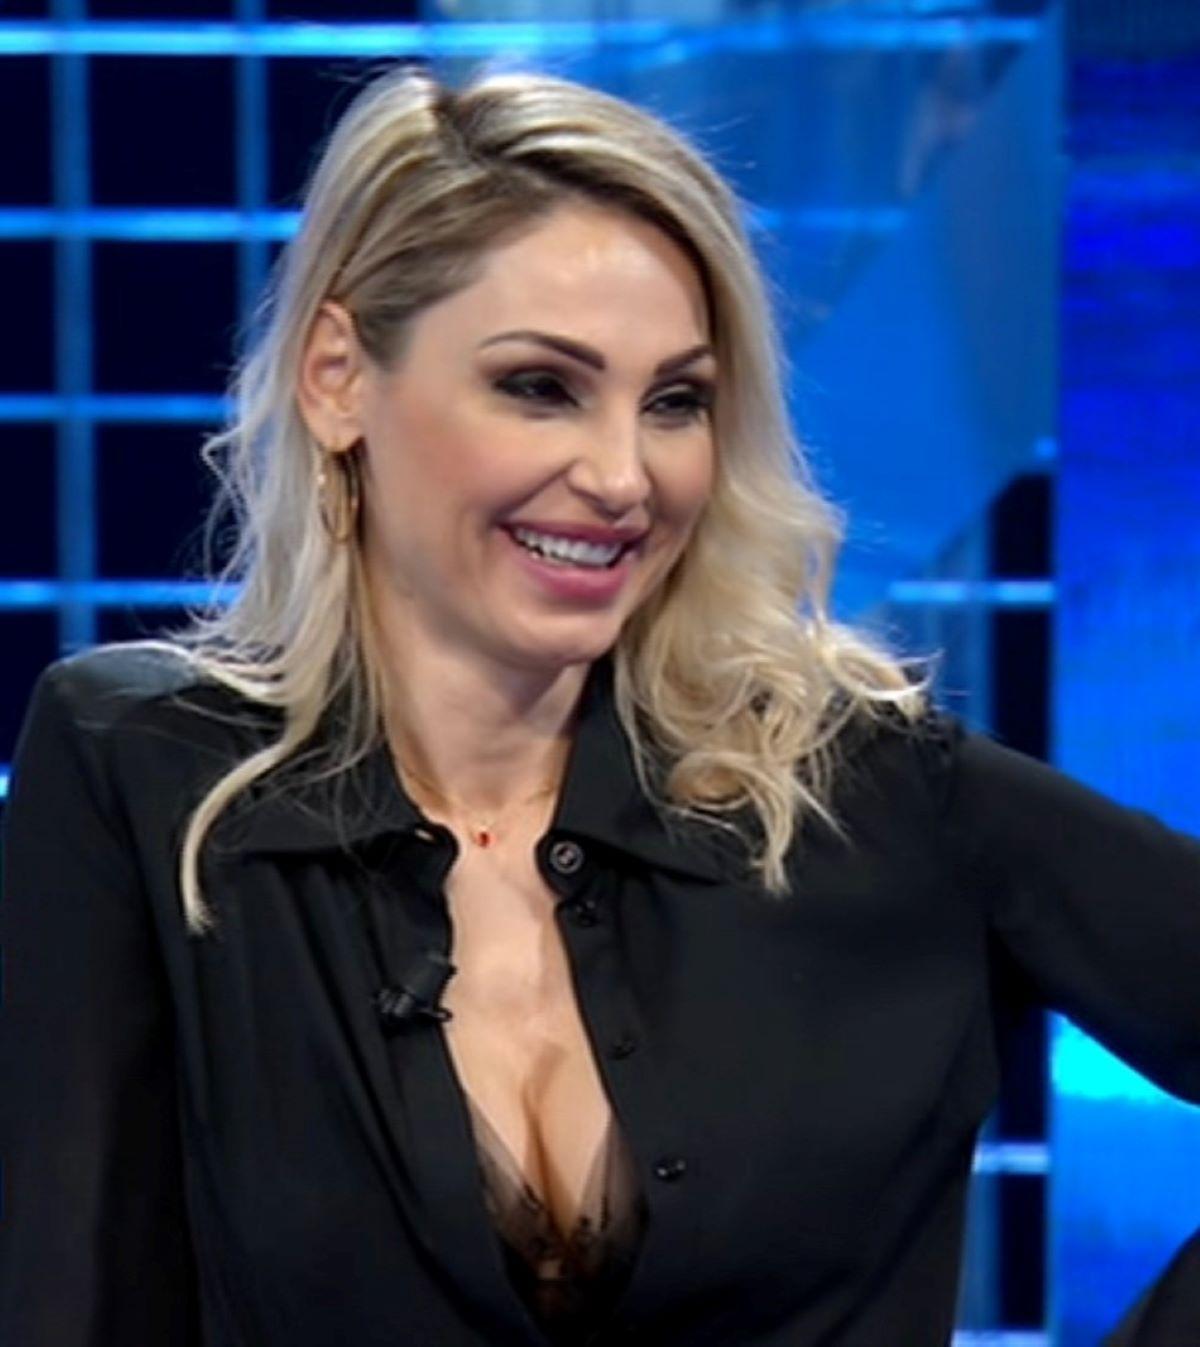 Anna Tatangelo Corteggiatore Importante Rampollo Famiglia Milano